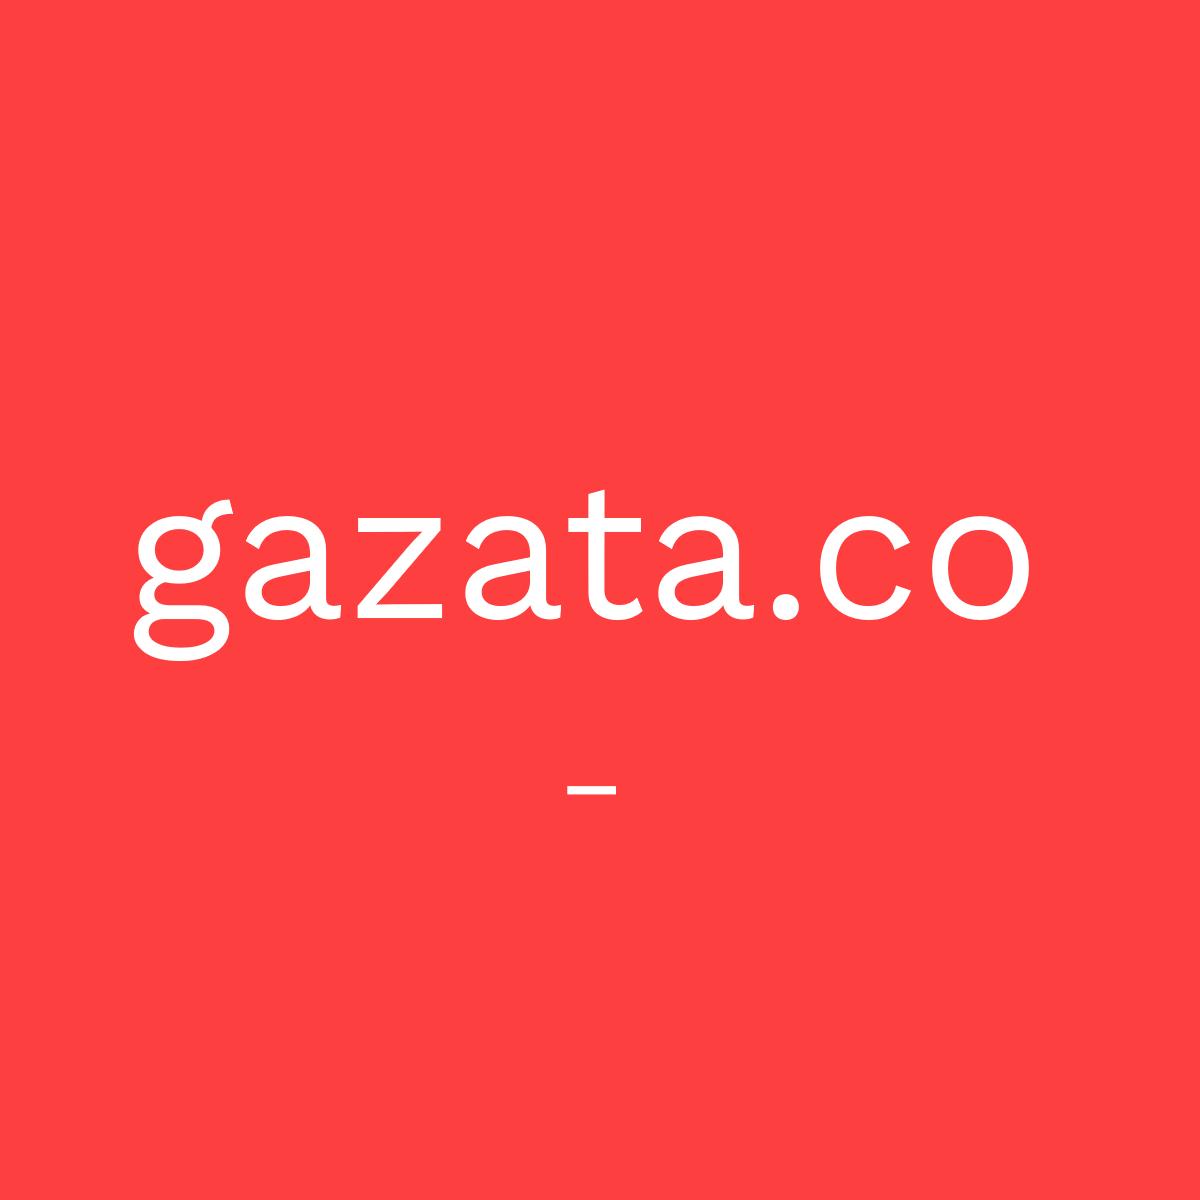 Gazata.co